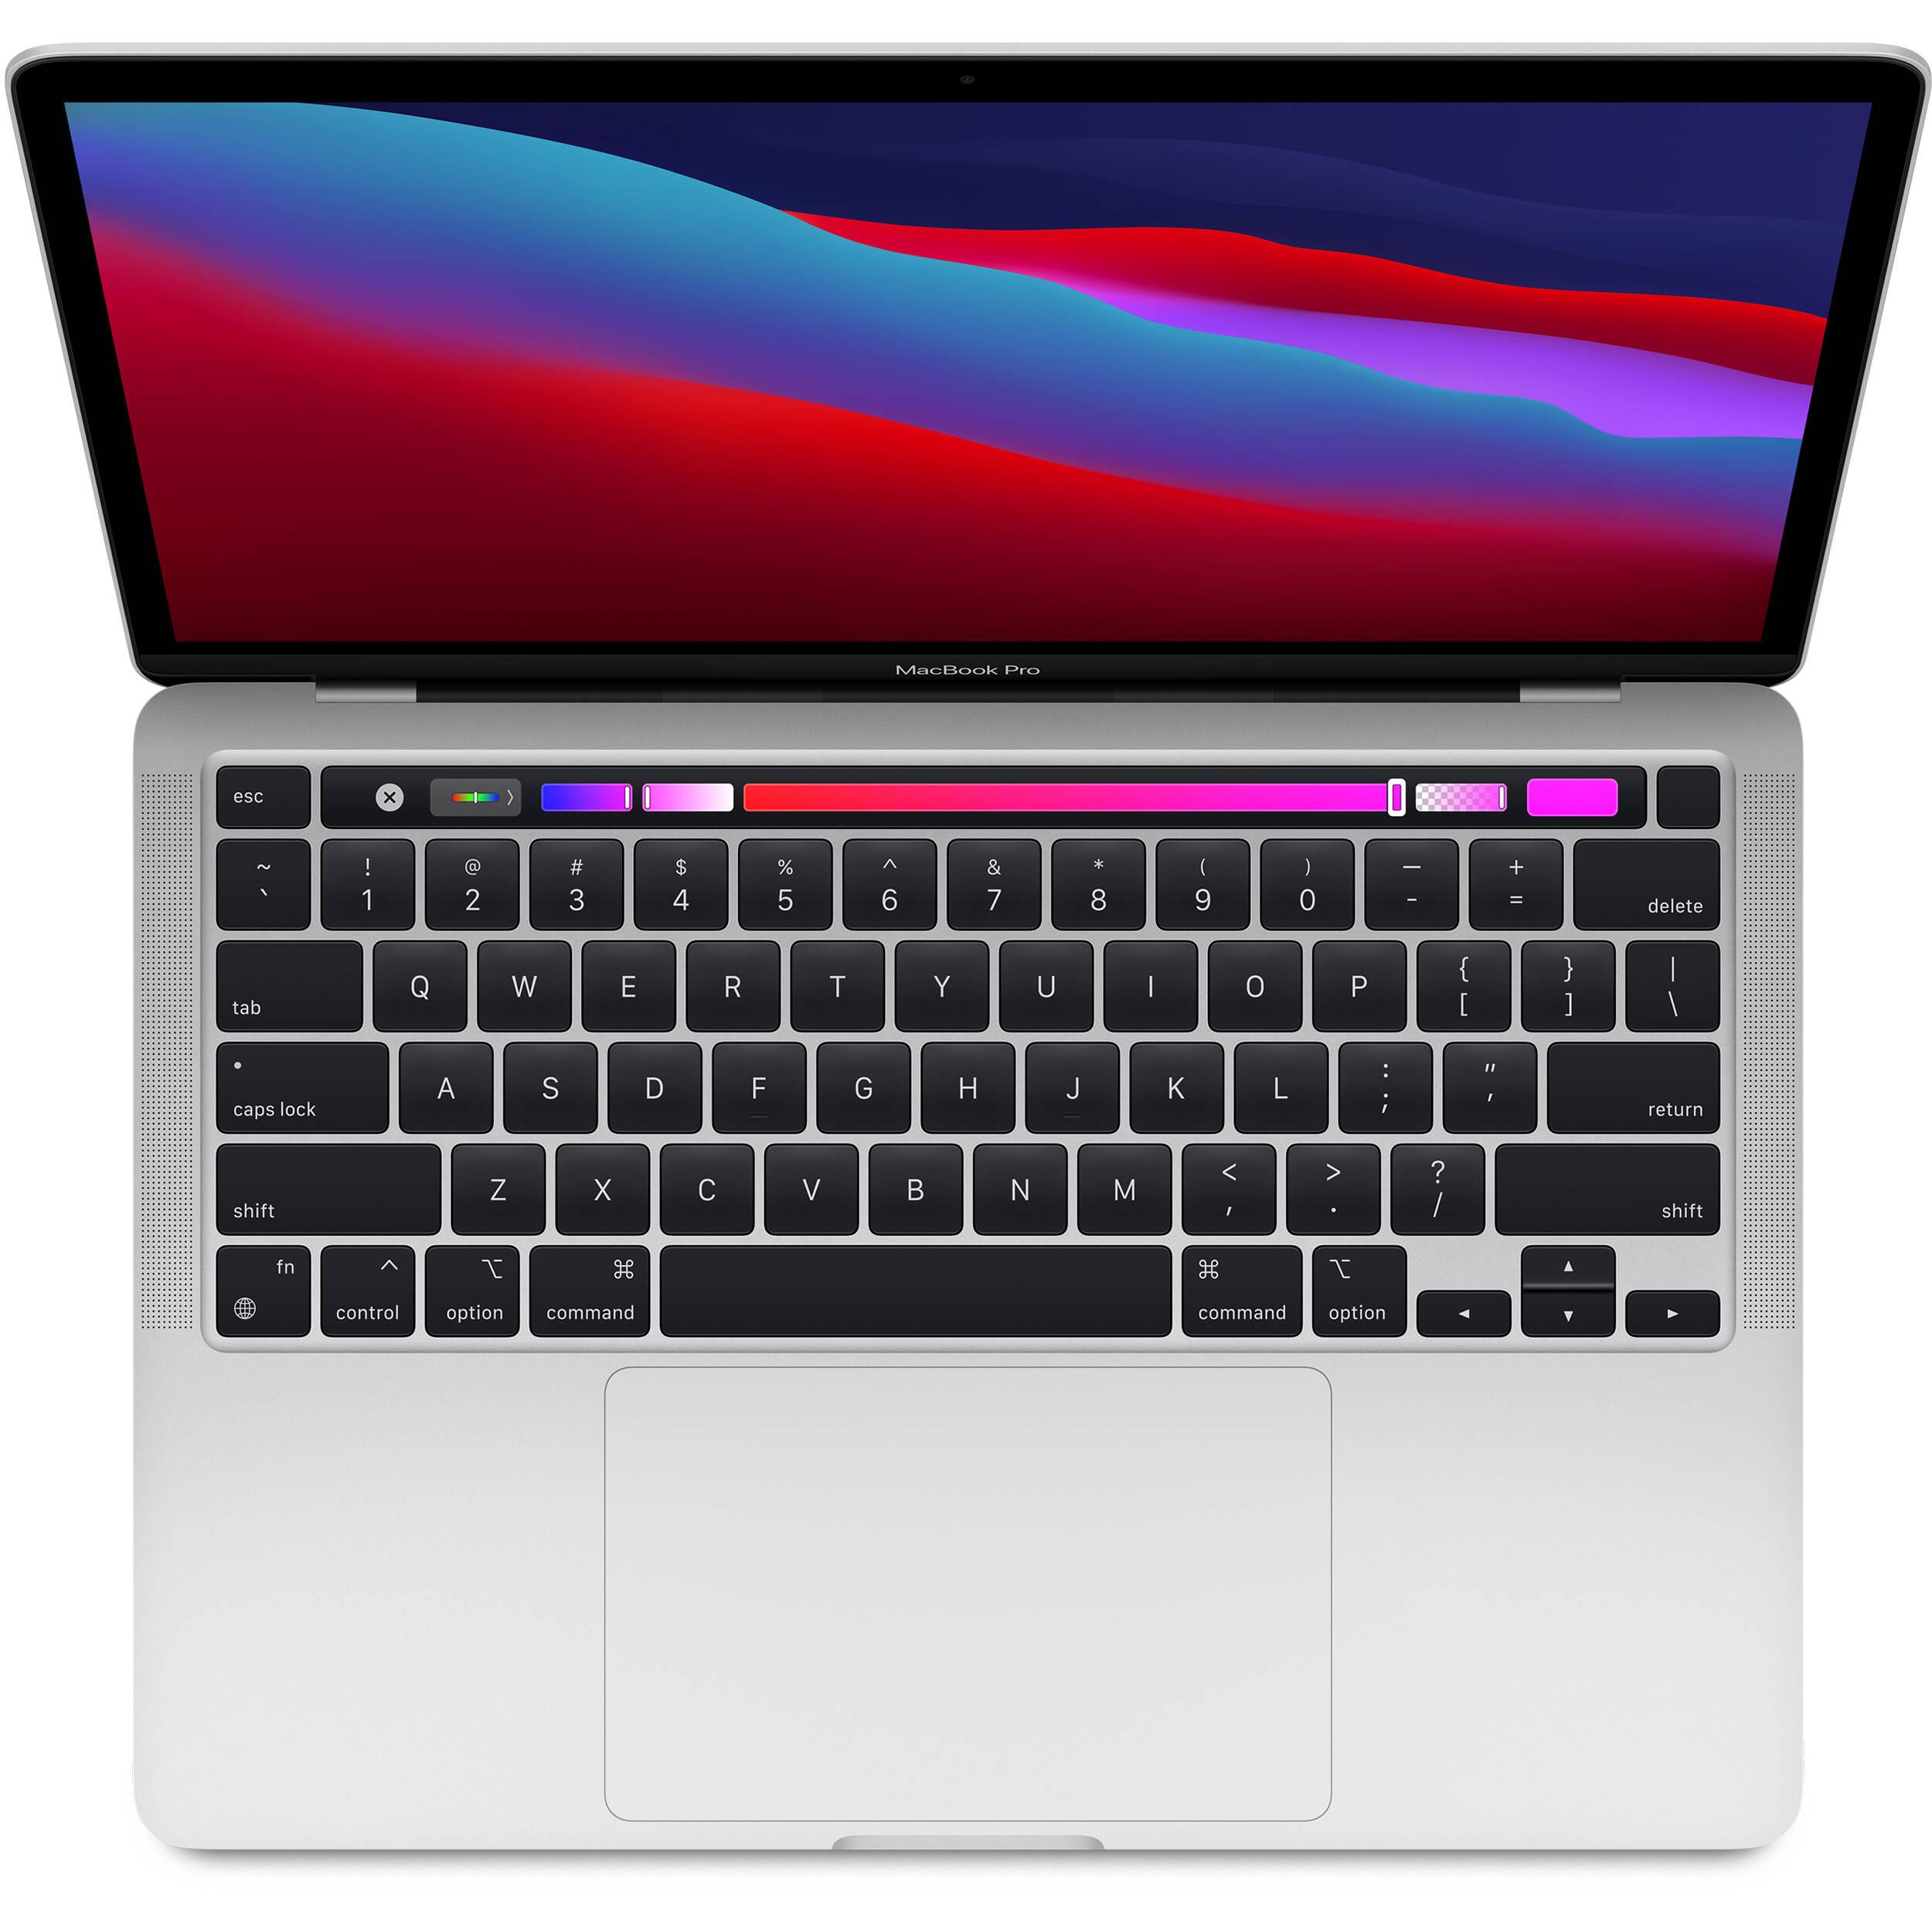 لپ تاپ 13 اینچی اپل مدل MacBook Pro MYDC2 2020 همراه با تاچ بار